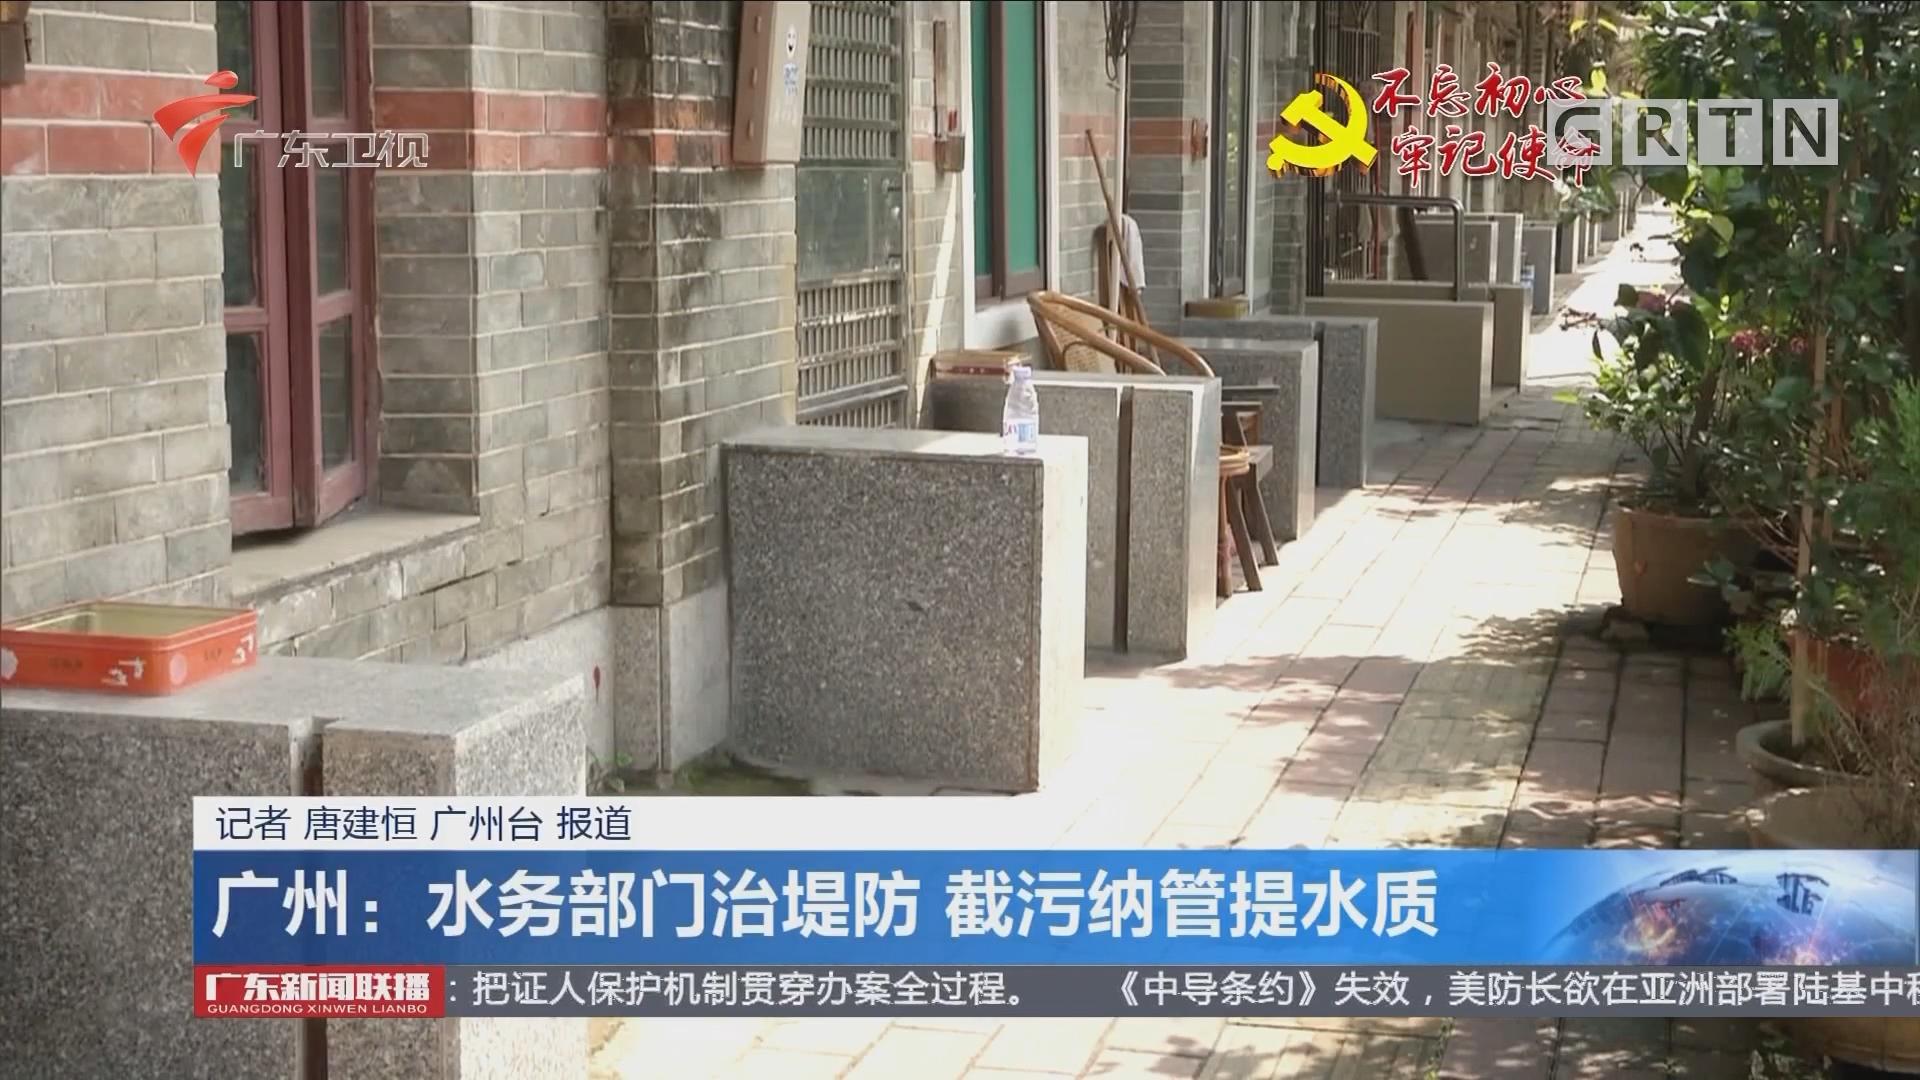 广州:水务部门治堤防 截污纳管提水质